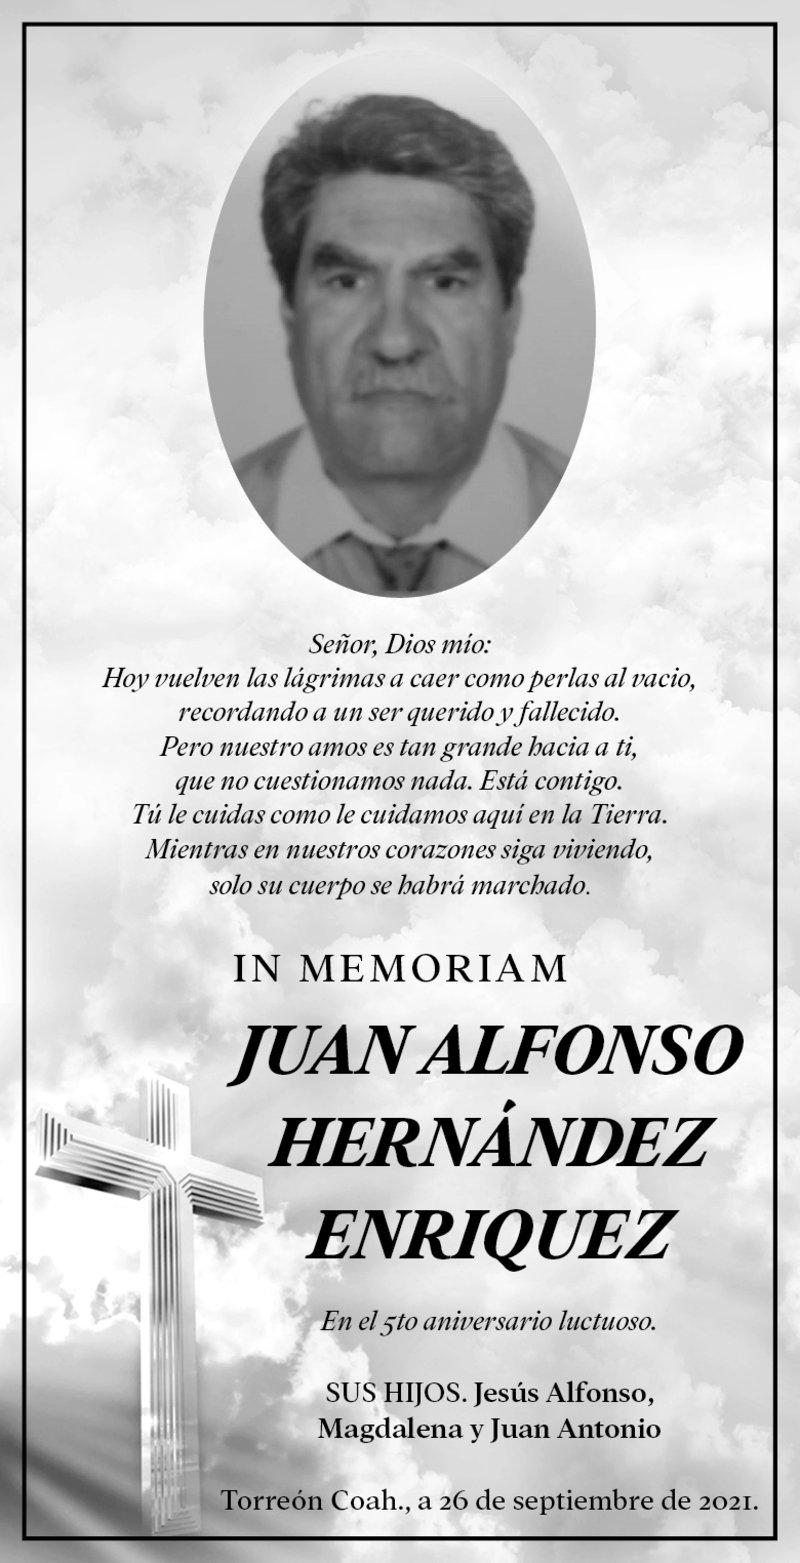 IN MEMORIAM: JUAN ALFONSO HERNÁNDEZ ENRIQUEZ. En su 5° año luctuoso, su hijos: Jesús Alfonso, Magdalena y Juan Antonio lo recuerdan con gran amor y cariño. Descanse en paz.